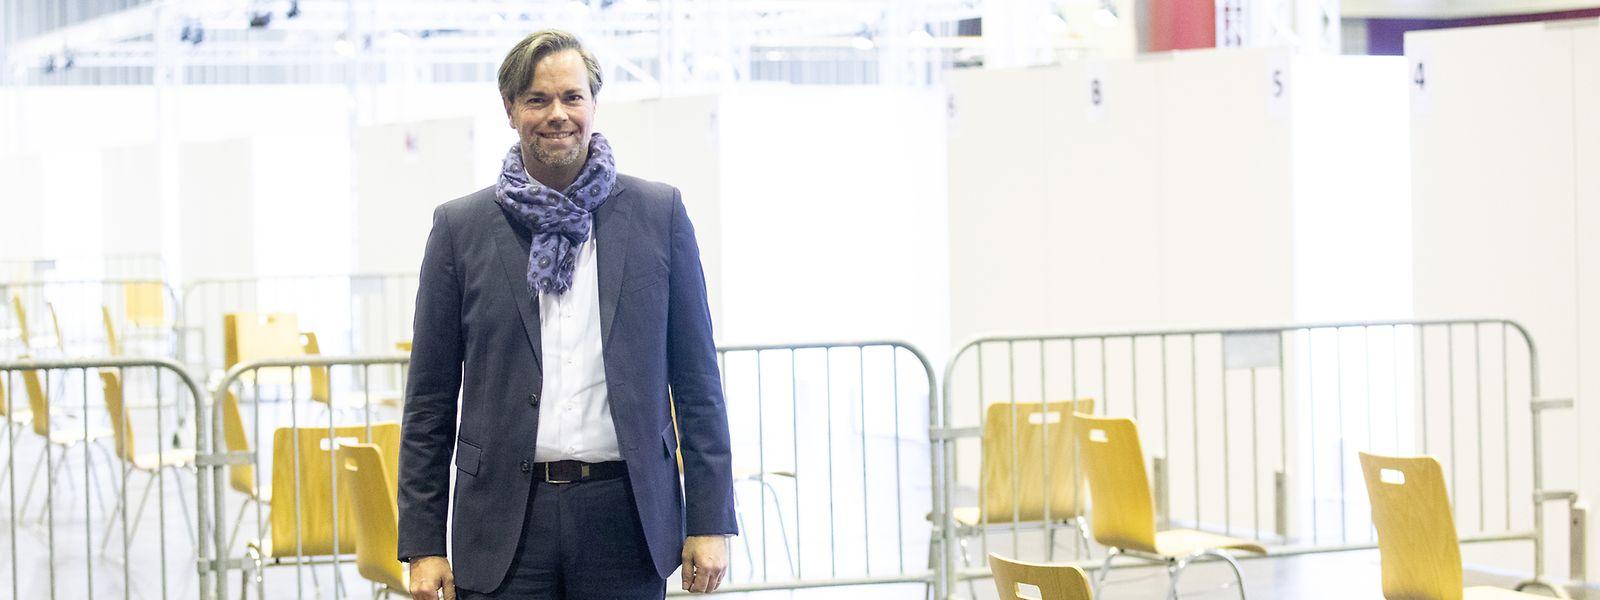 Luc Feller, no centro de vacinação em Limpertsberg, revela como vai ser a campanha de vacinação anti-covid no Luxemburgo.